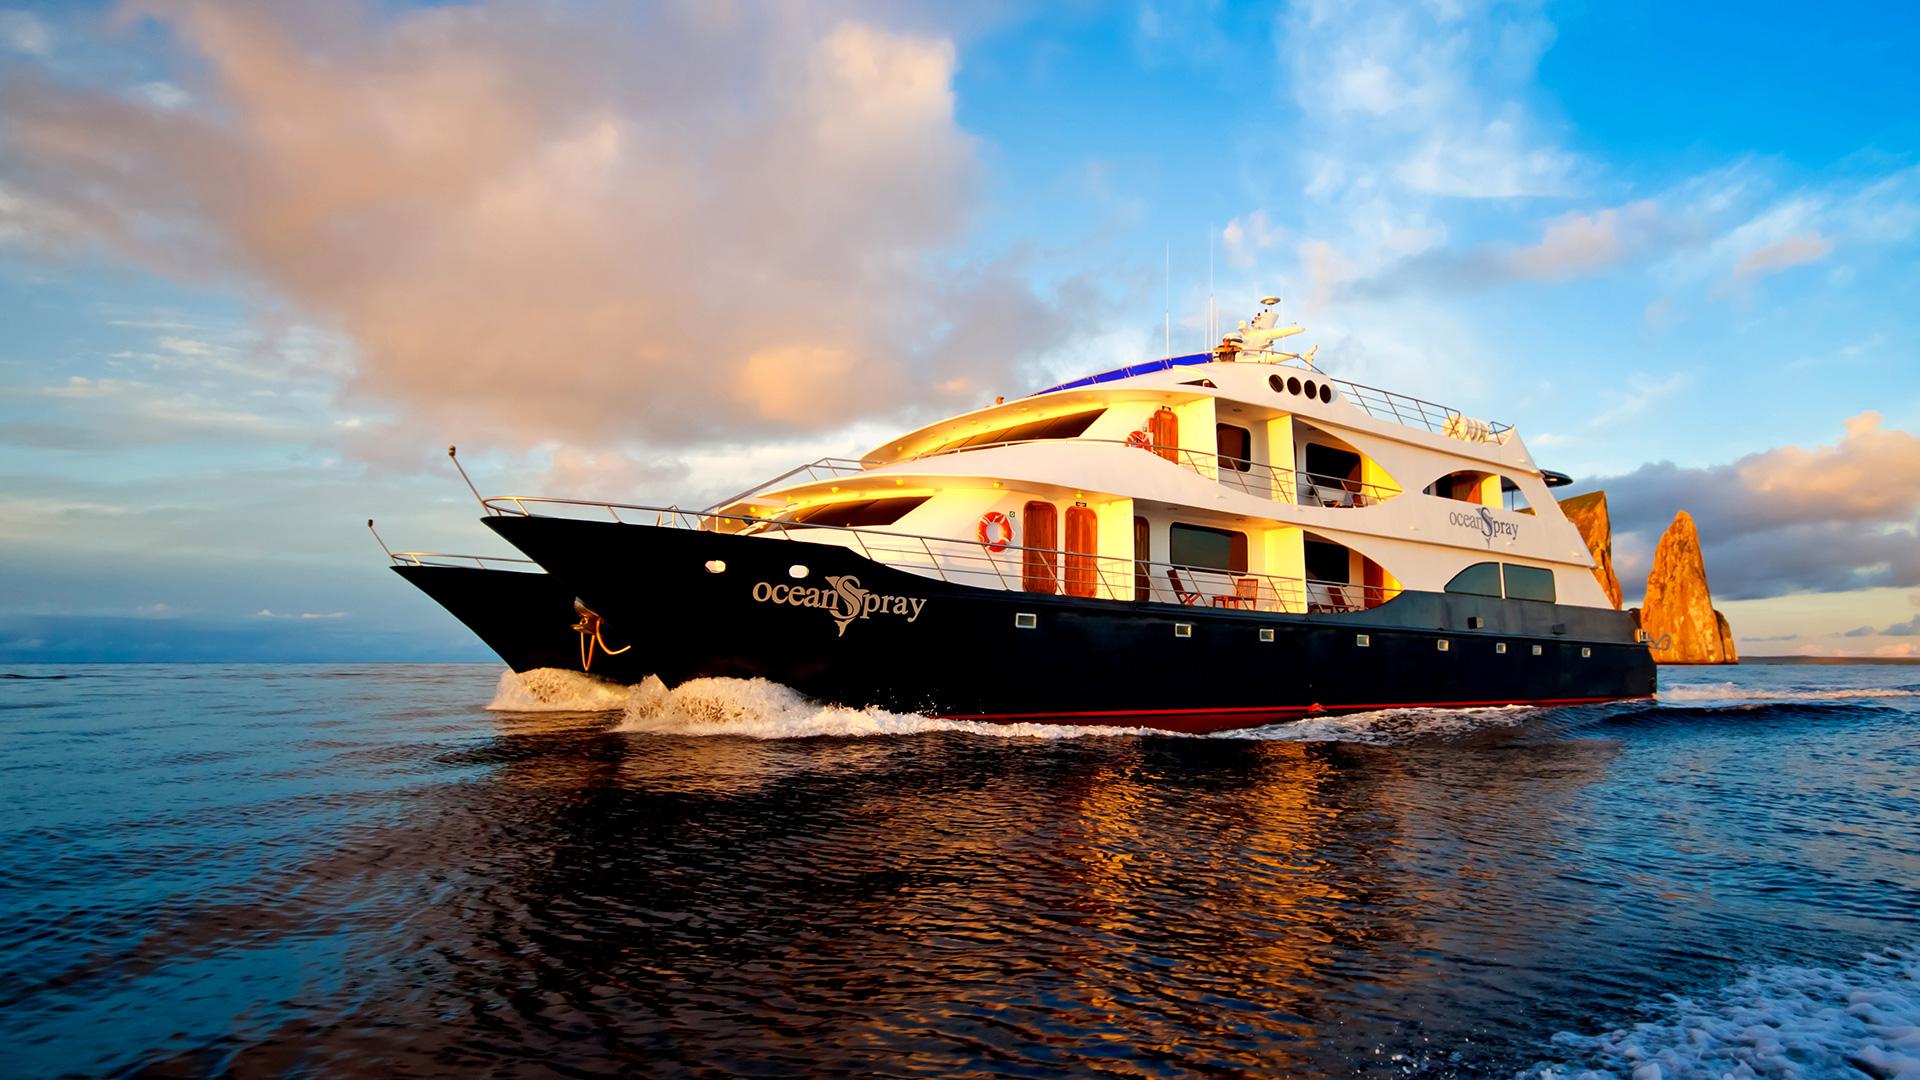 galapagos cruise, galapagos catamaran, ocean spray catamaran, luxury galapagos catamaran, galapagos cruises,eco tours galapagos islands, small group tours galapagos, galapagos guided tours, touring the galapagos, galapagos island tours price, galapagos islands land tours, galapagos local tours